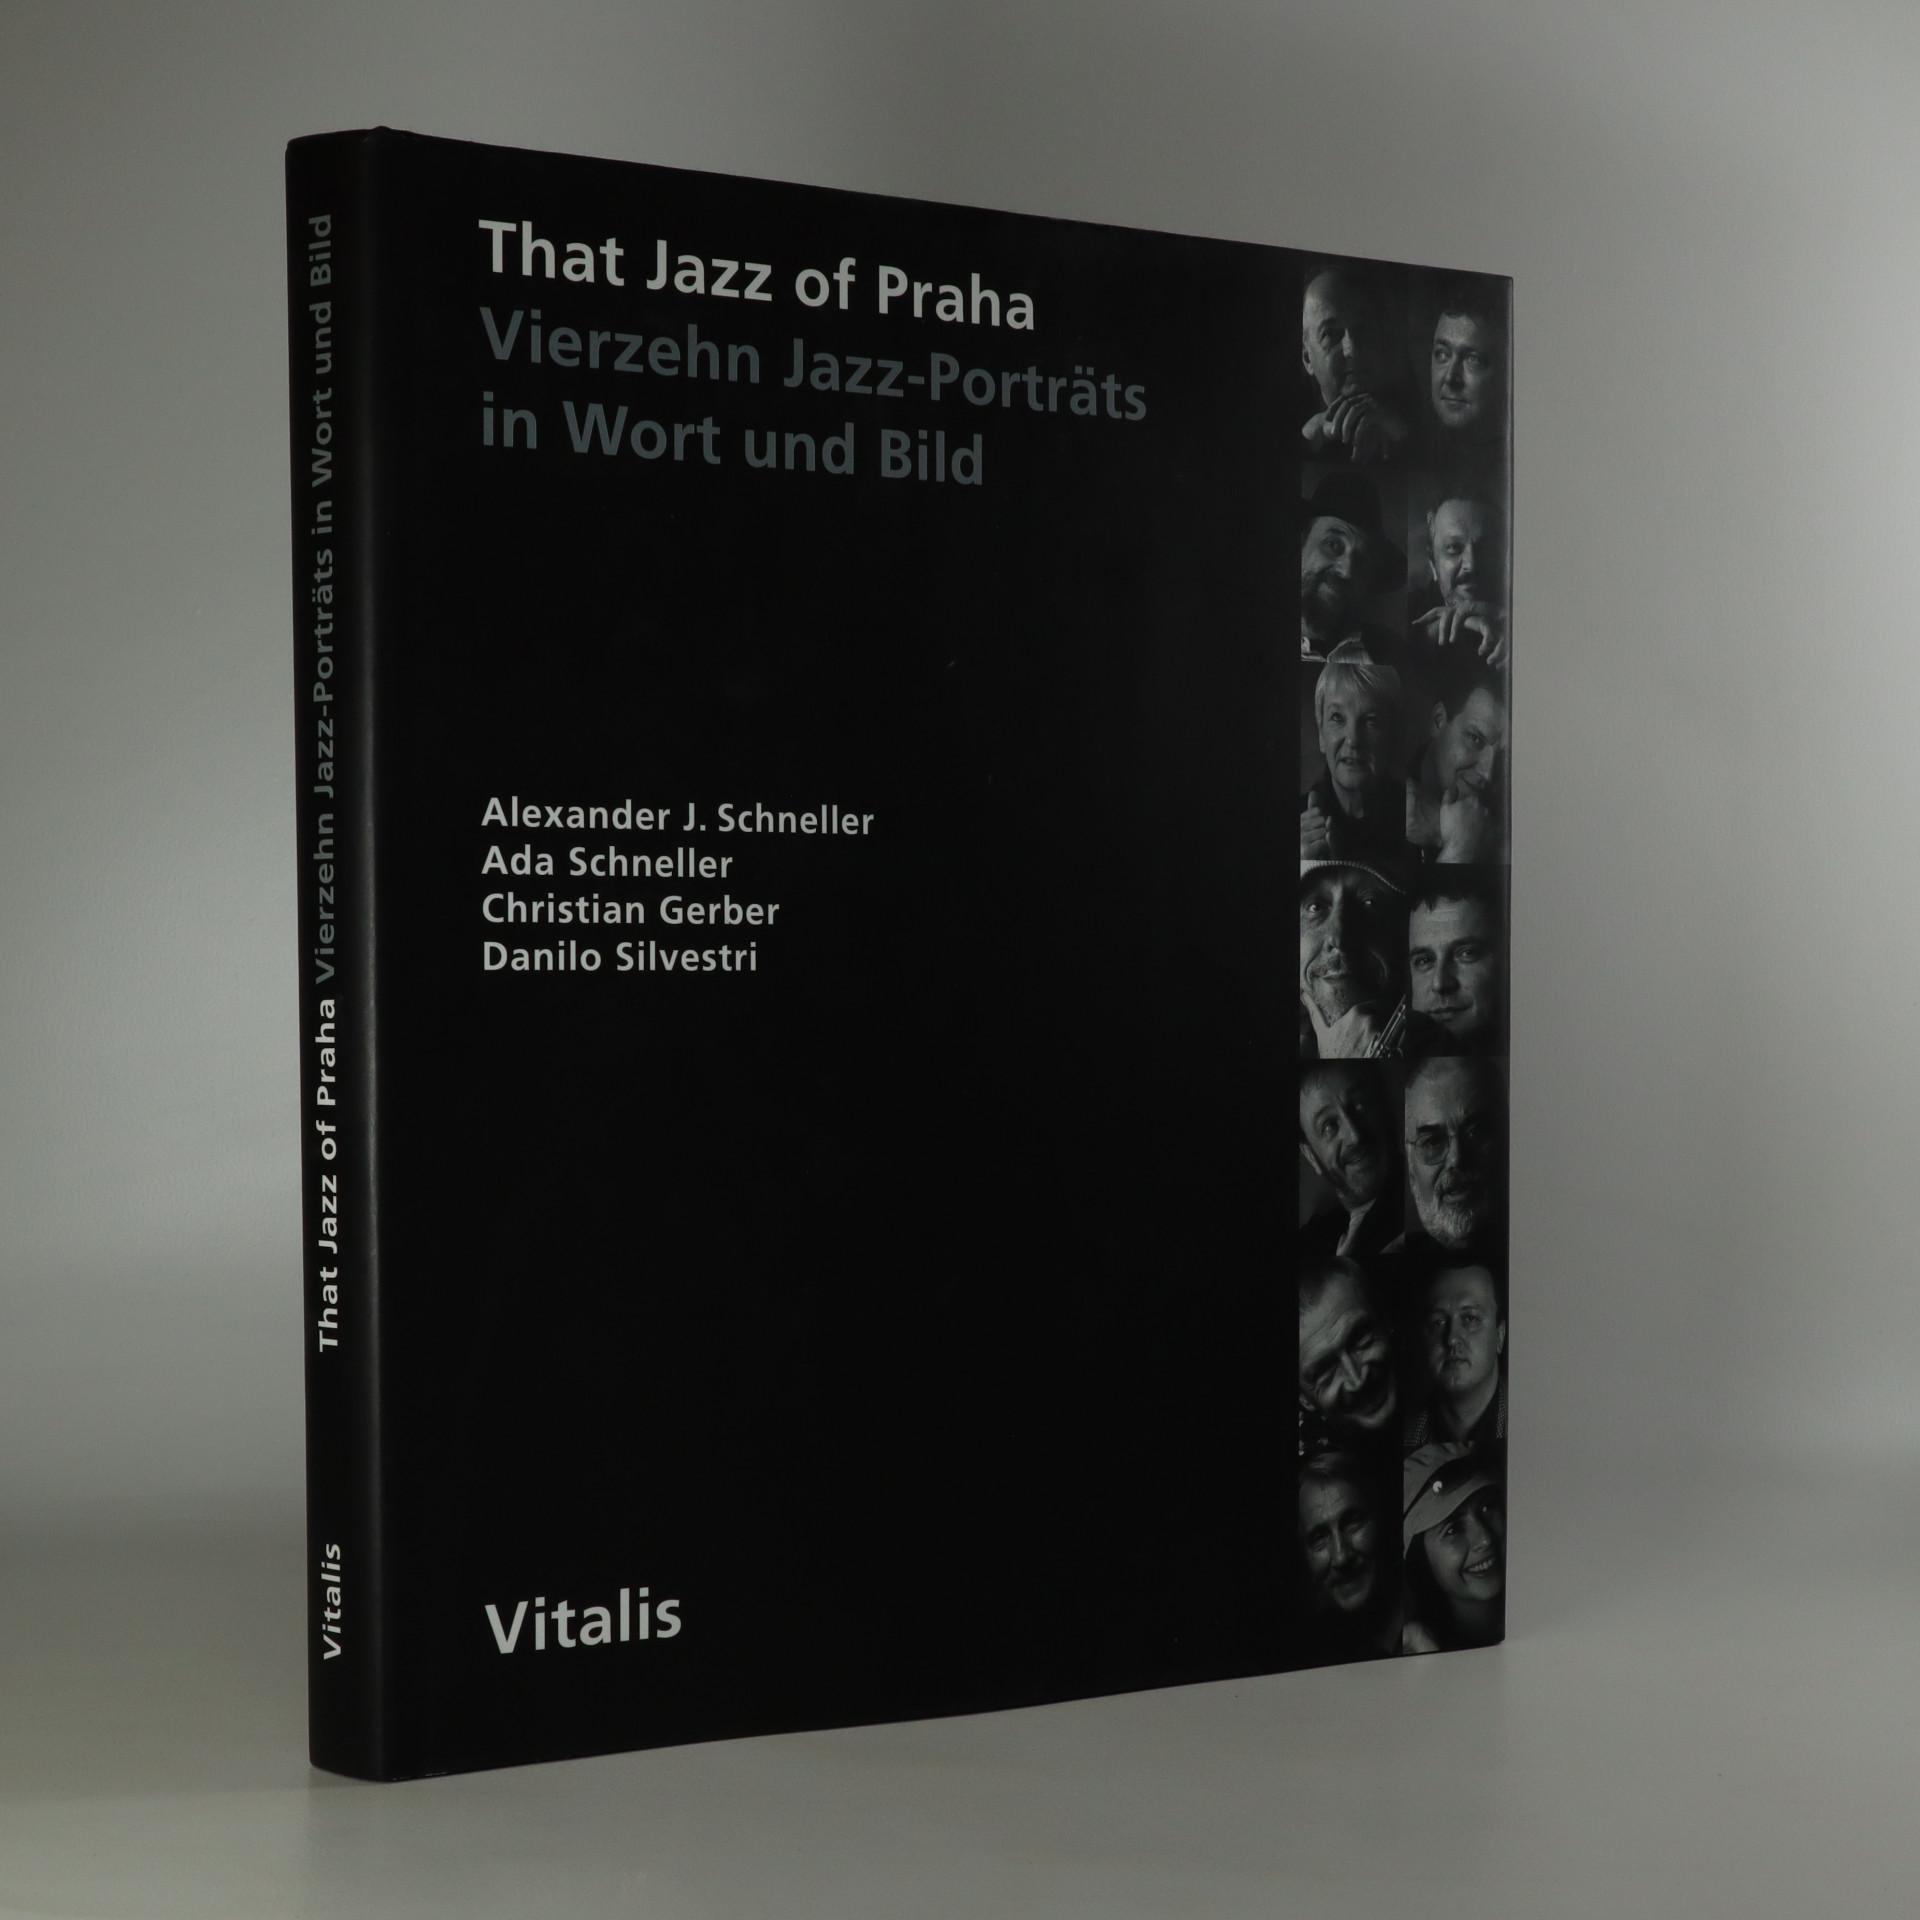 antikvární kniha That jazz of Praha. Vierzehn Jazz-Porträts in Wort und Bild., 1995